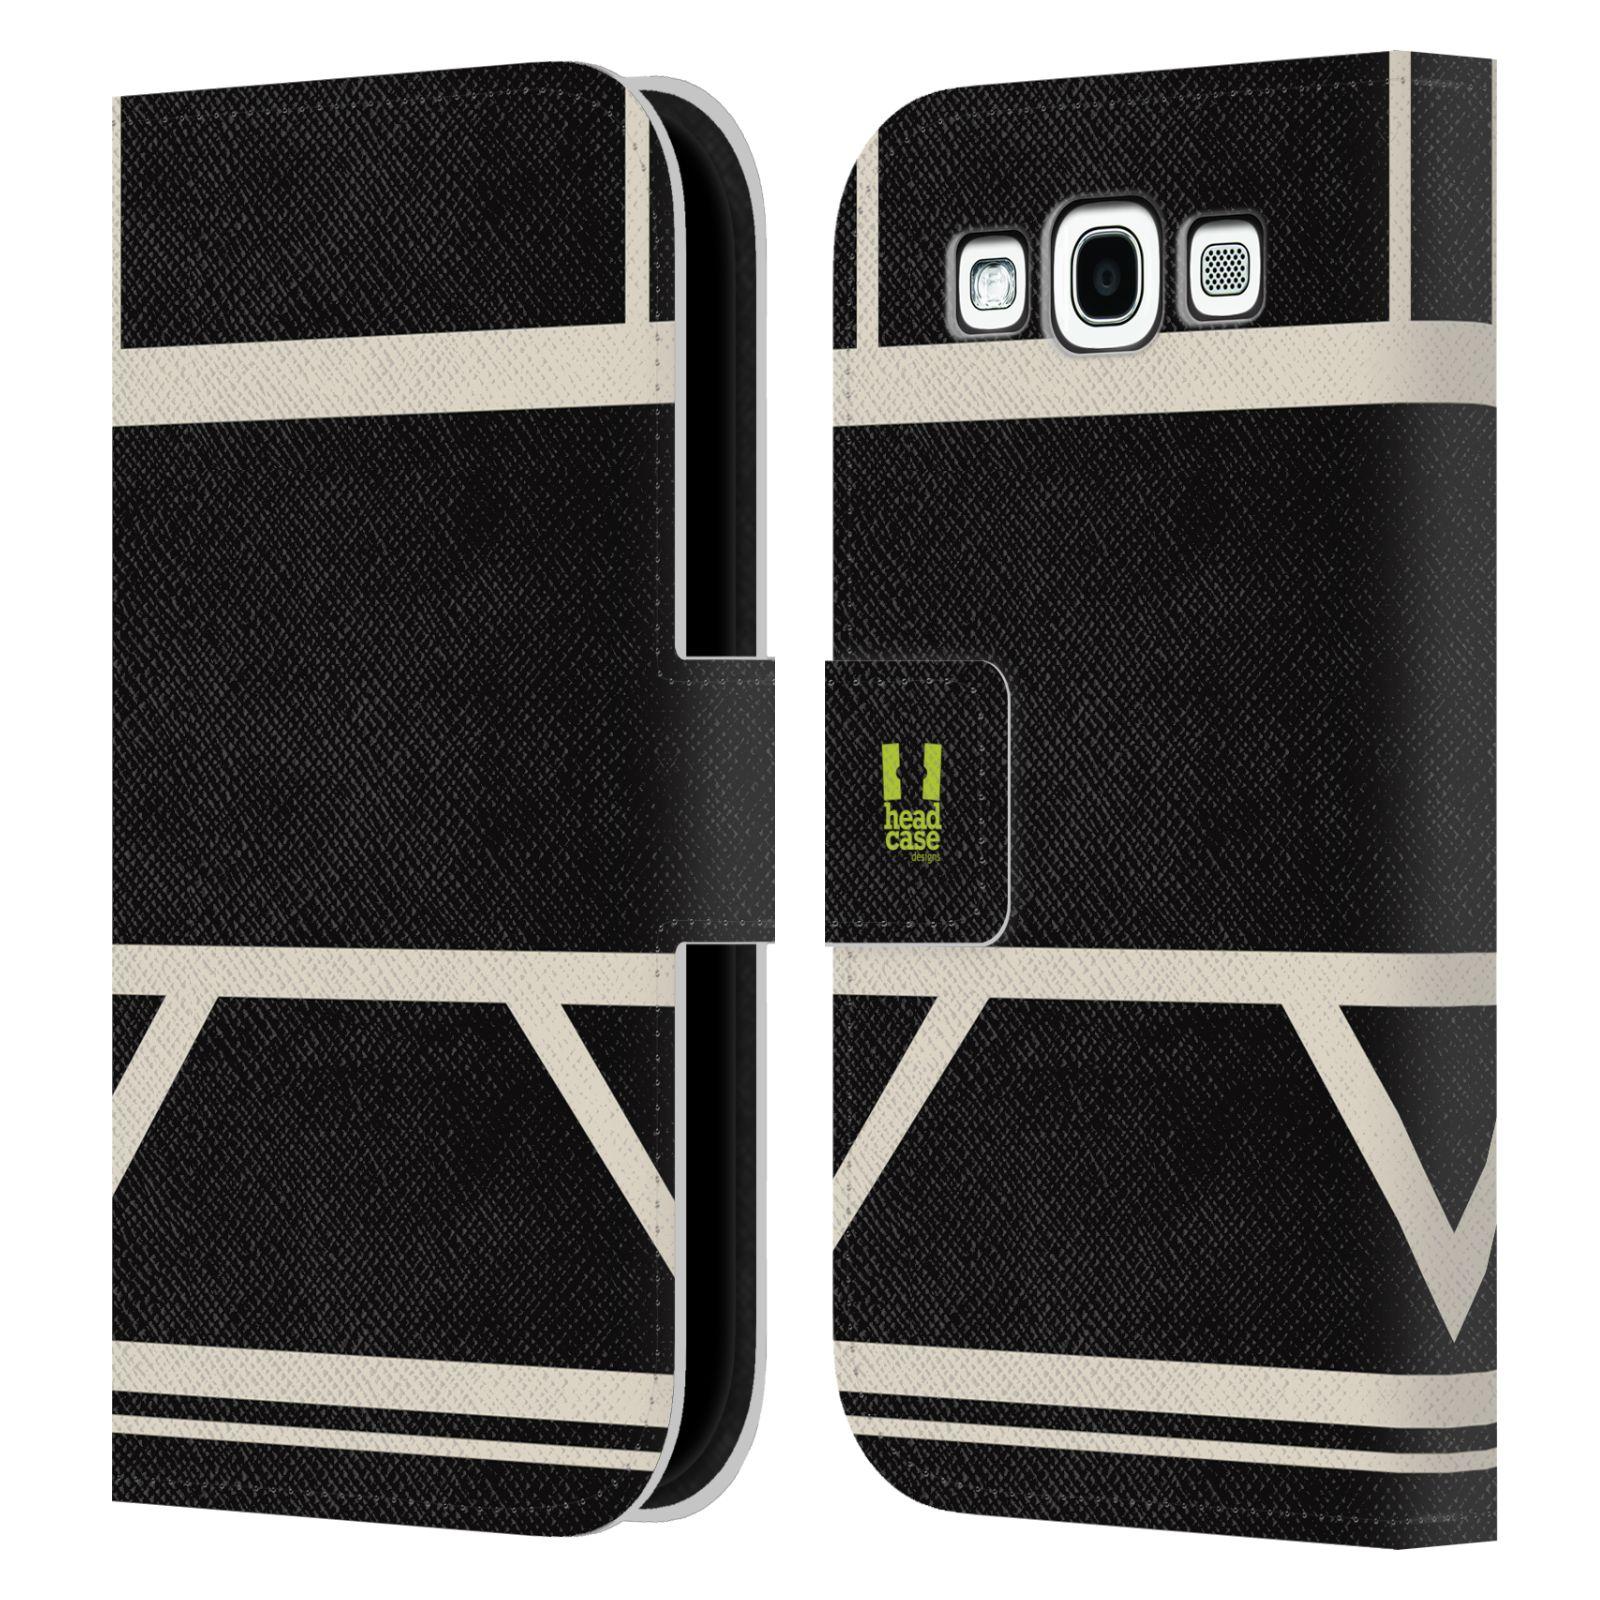 HEAD CASE Flipové pouzdro pro mobil Samsung Galaxy S3 I9300 barevné tvary černá a bílá proužek